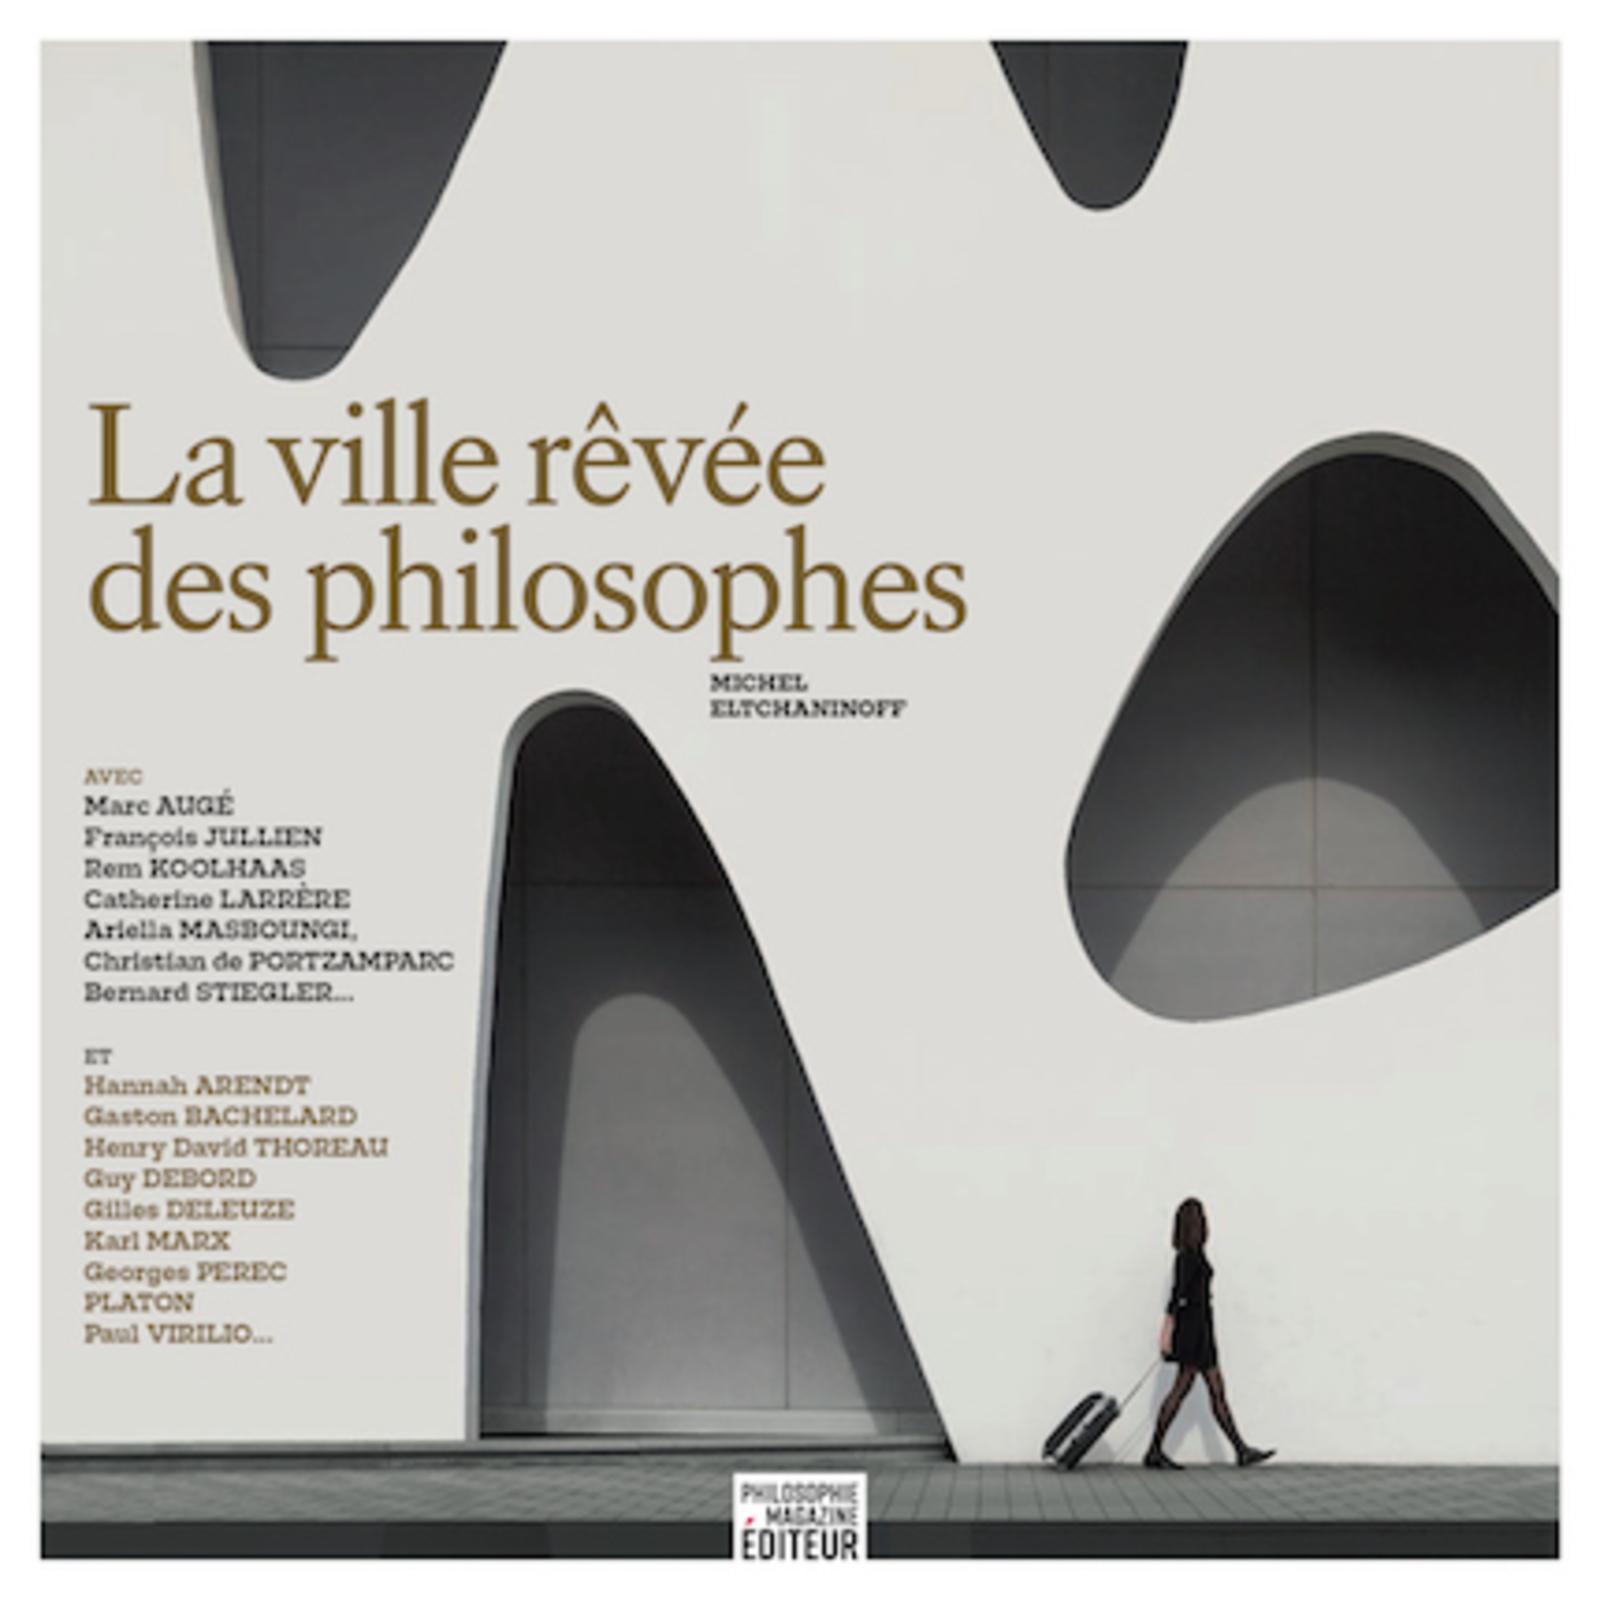 LA VILLE REVEE DES PHILOSOPHES